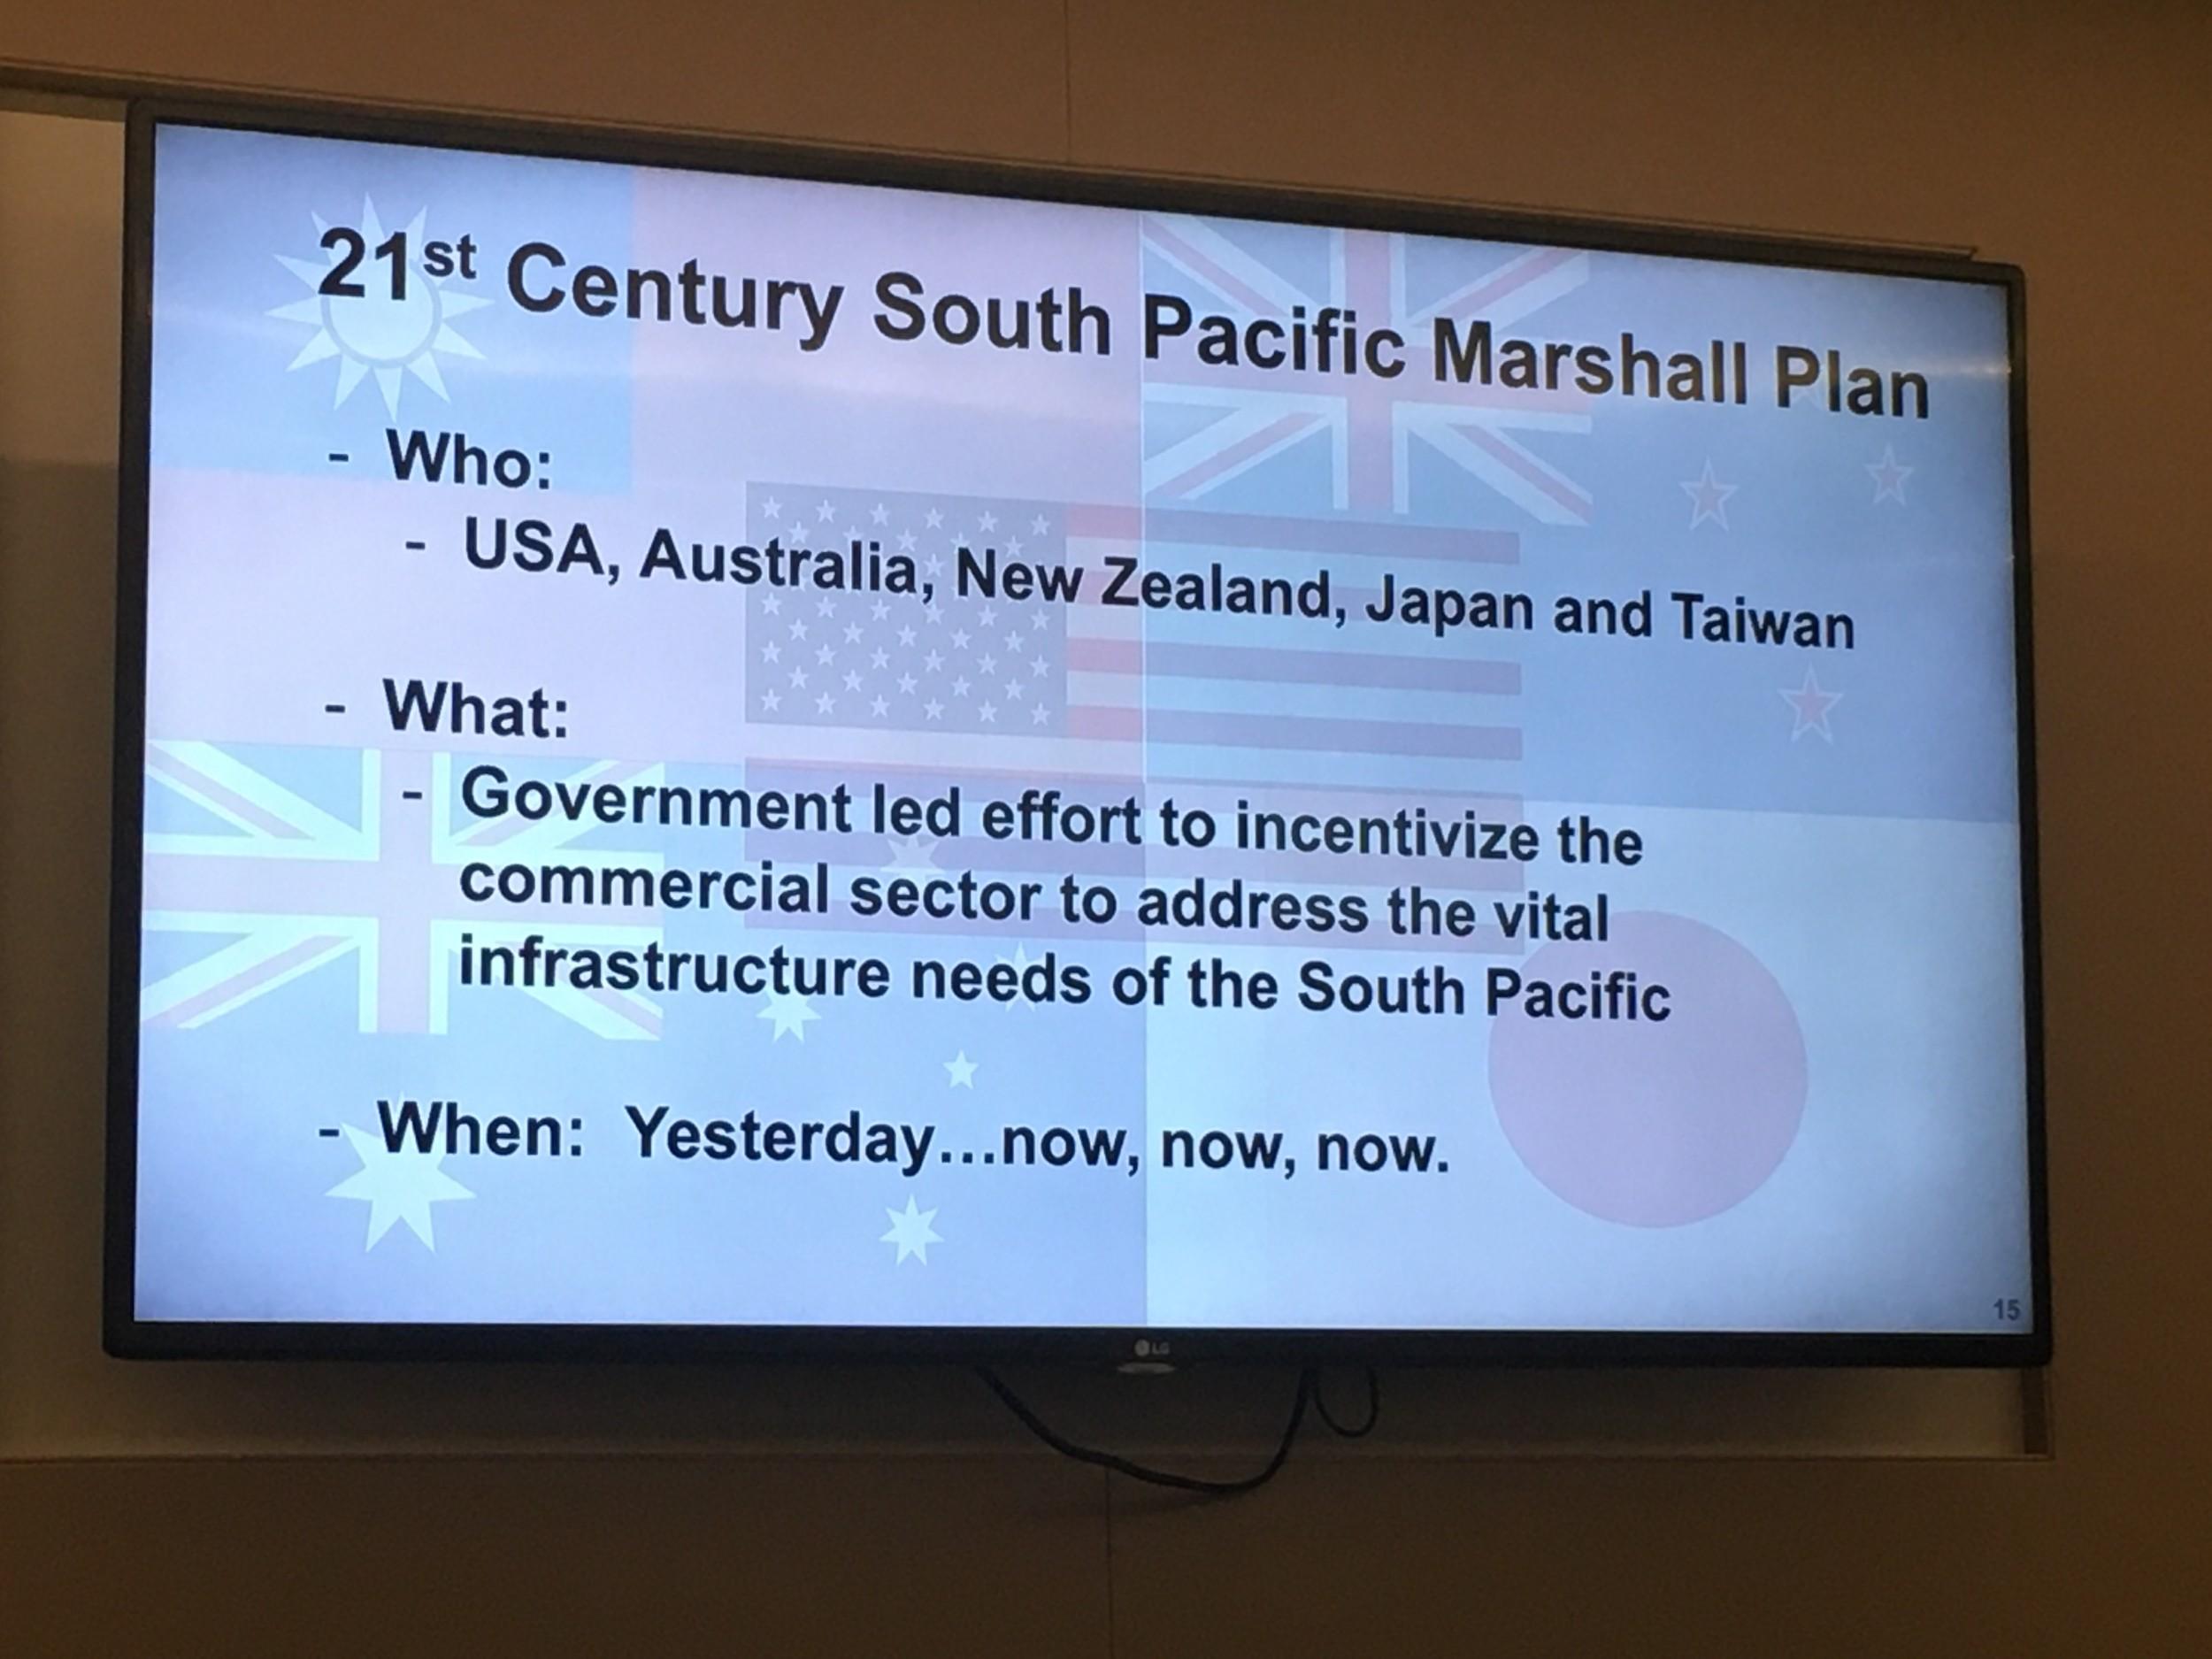 前美国太平洋舰队情报和信息行动主管詹姆斯·法奈尔(James E. Fanell)呼吁建立21世纪的马歇尔计划,激励商业部门建设南太平洋国家的关键性基础设施。(薛小山拍摄)